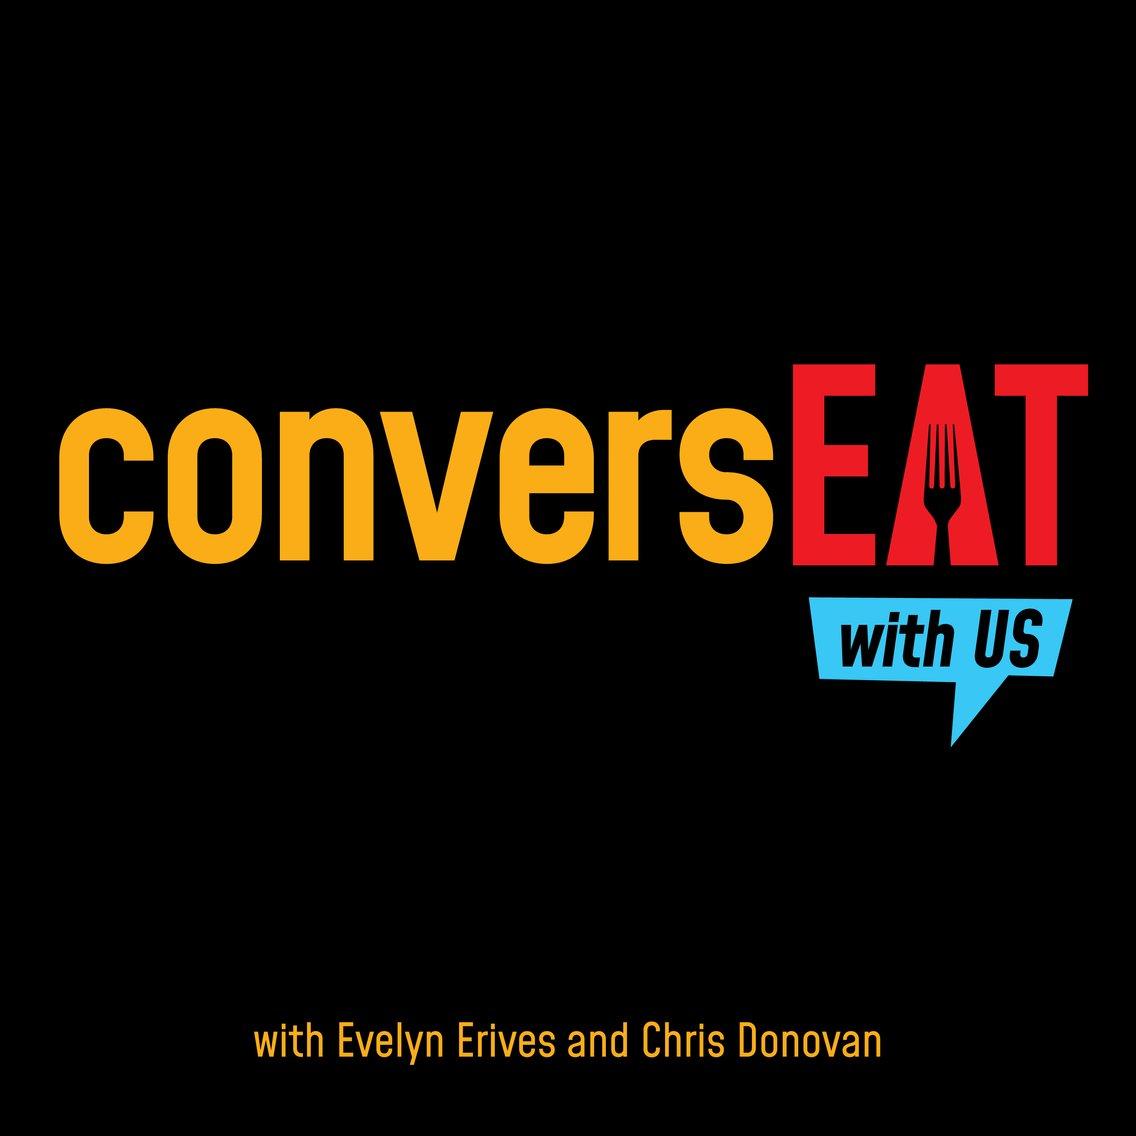 ConversEAT with US! - immagine di copertina